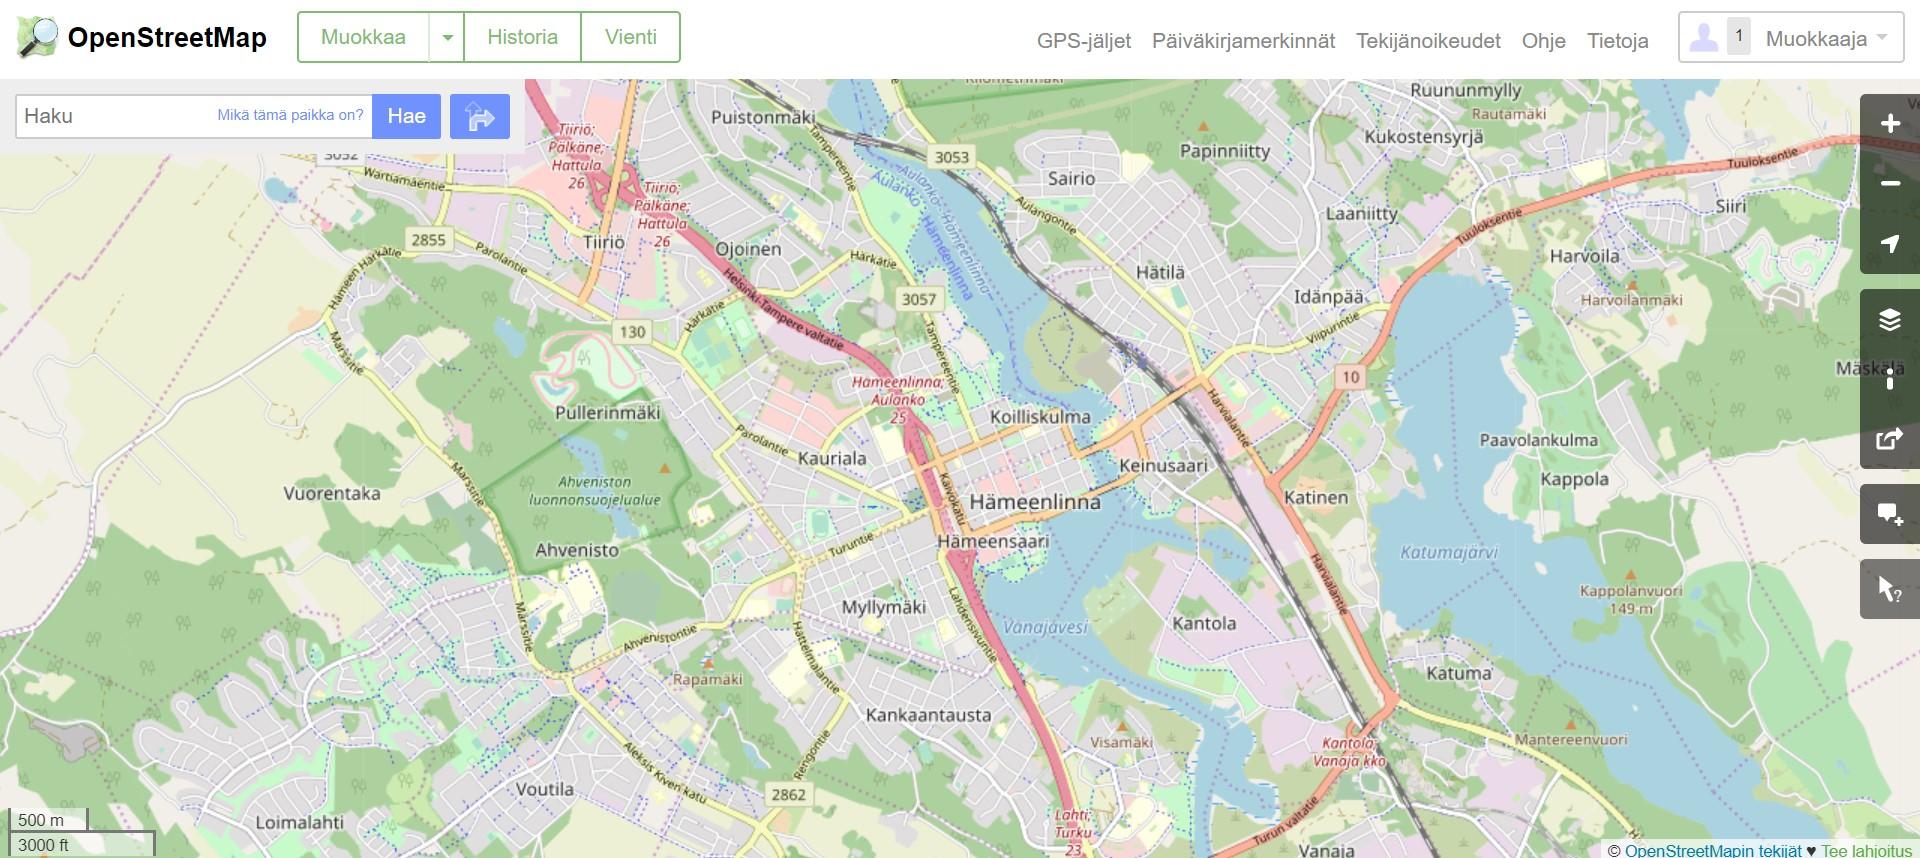 Open Street Maps és un mapa col·laboratiu on les dades són introduïdes per milers de persones.  Imatge de Contribuidors Open Street Maps. Llicència d'ús CC BY-SA 2.5 Font: Open Street Maps. Llicència d'ús CC BY-SA 2.5